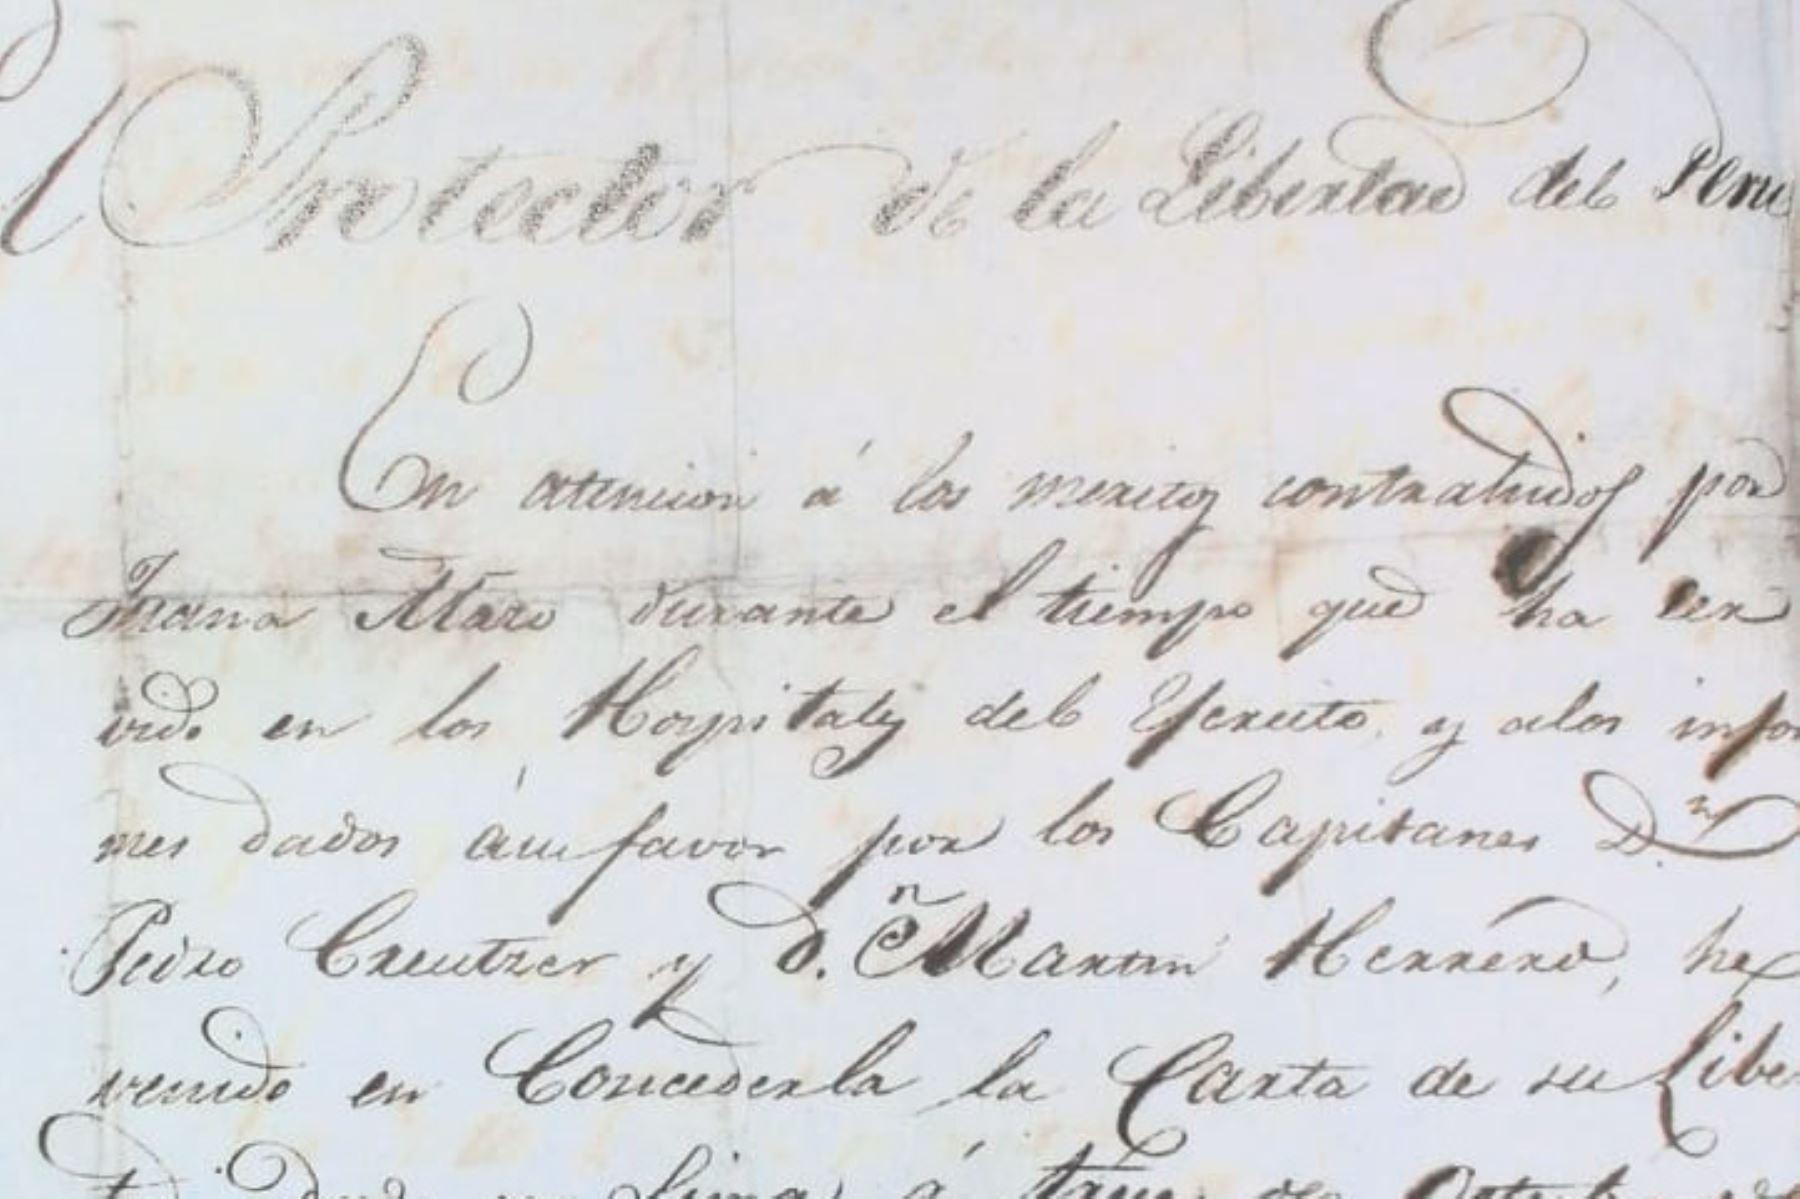 Manuscrito sustraído del Archivo General de la Nación. Foto: AGN